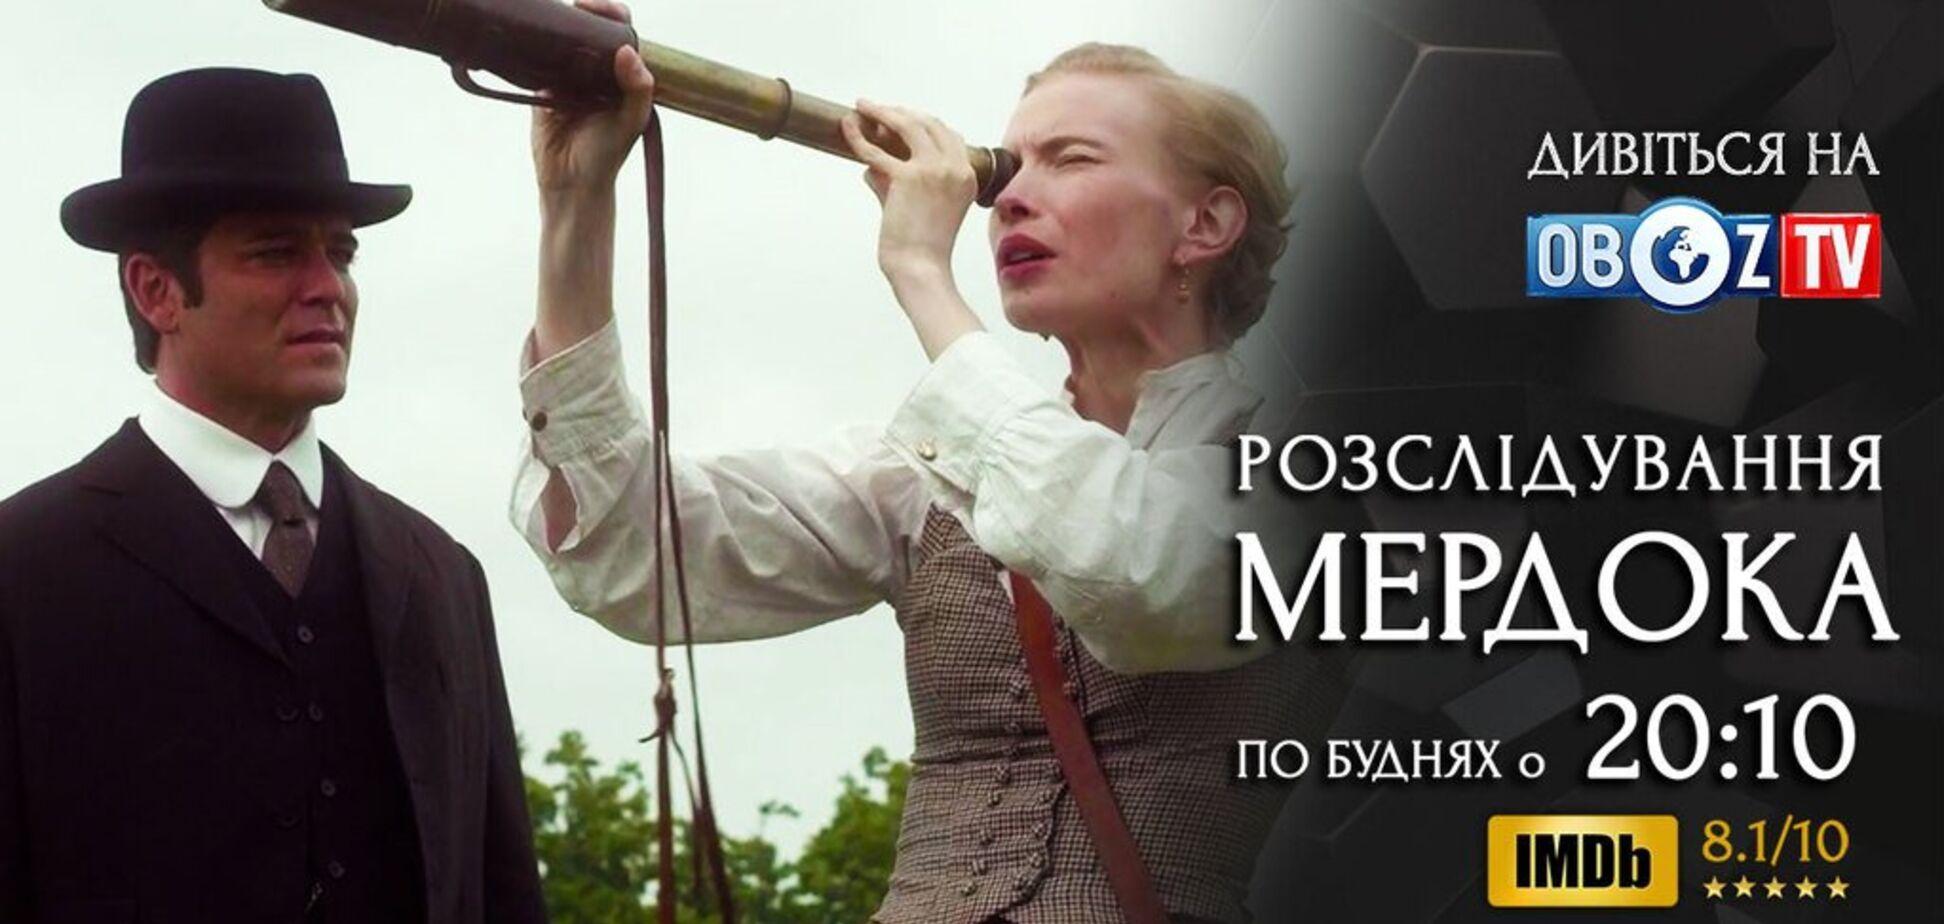 Дивіться на ObozTV серіал 'Розслідування Мердока' – серія '24 години до кінця світу'